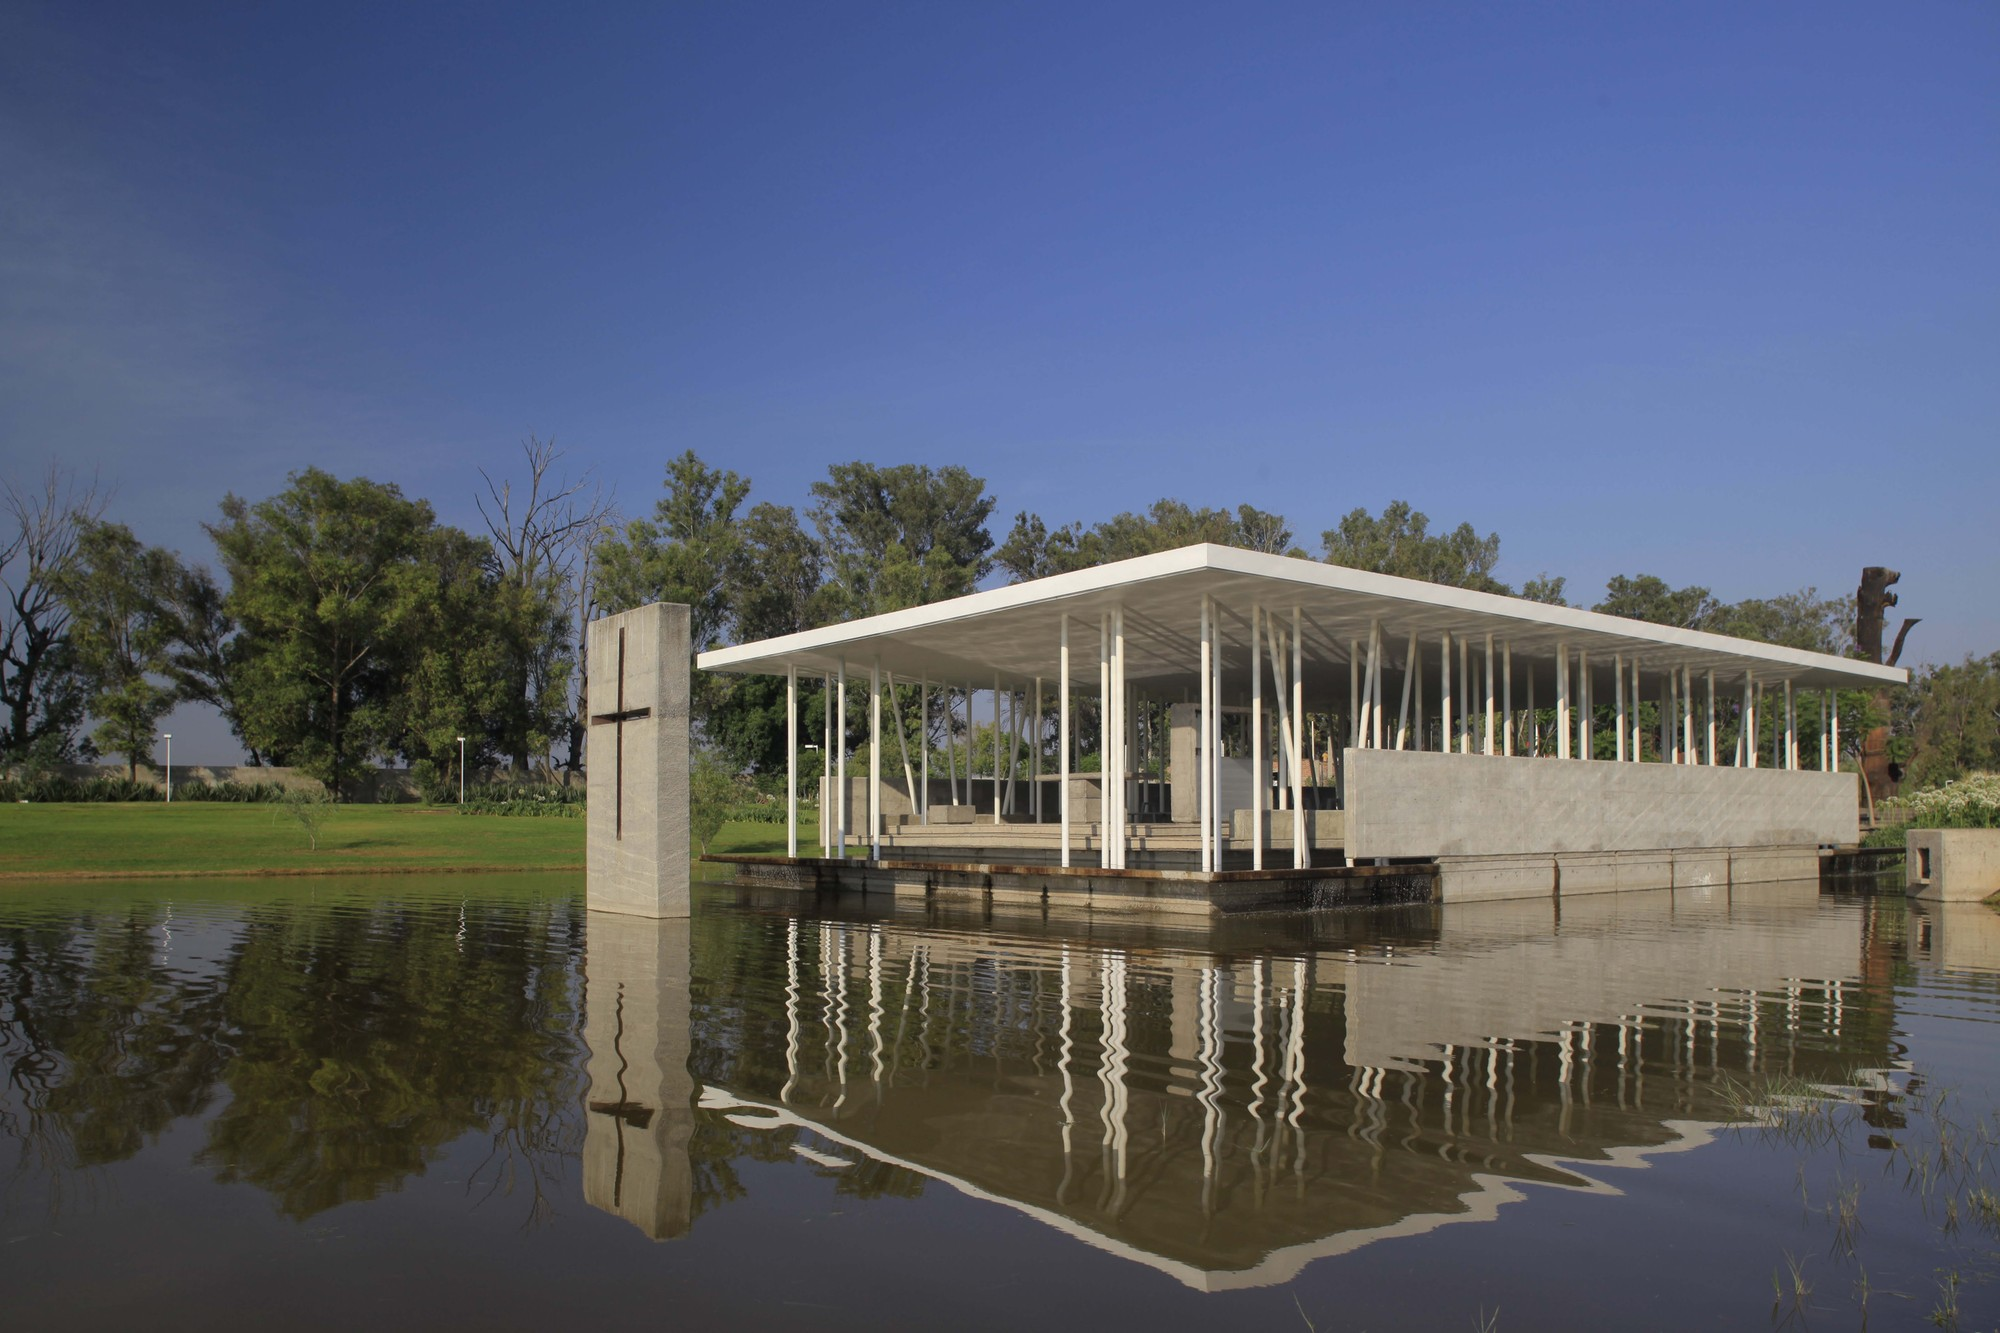 Capela do Lago / Divece Arquitectos, © Carlos Díaz Corona